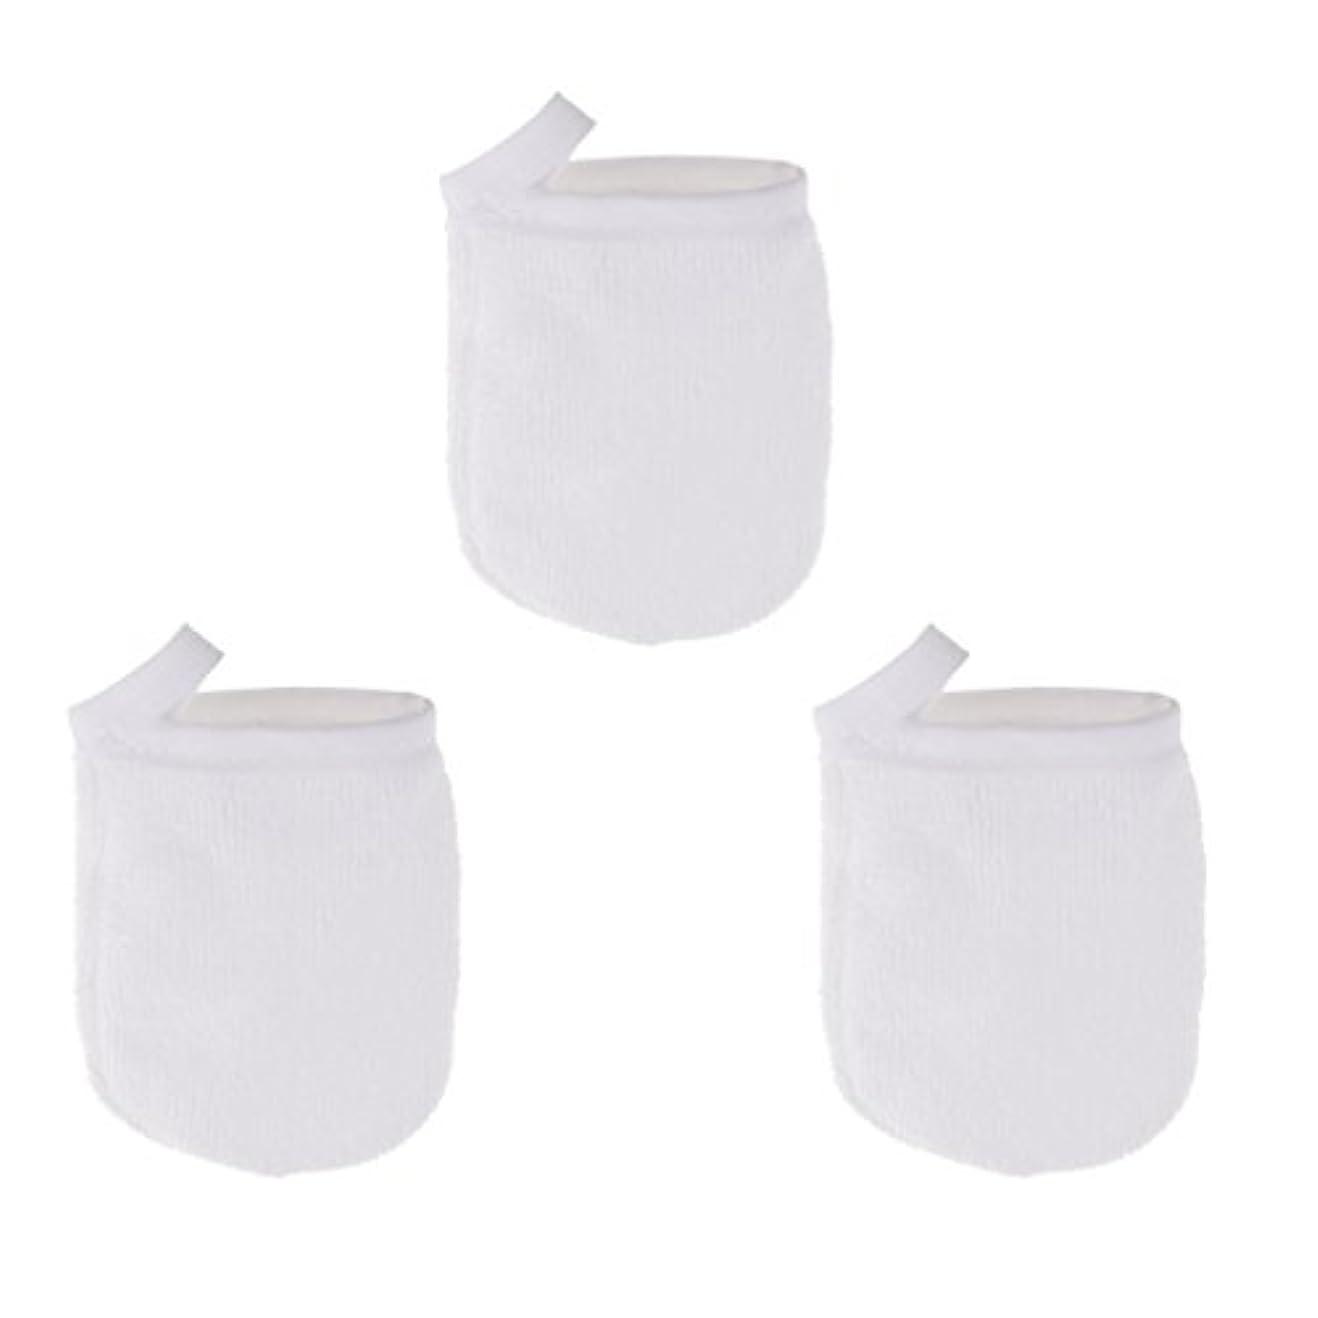 残酷悲劇知人CUTICATE ソフト フェイスクレンジンググローブ メイクリムーバー クロスパッド 3個 洗顔グローブ 手袋